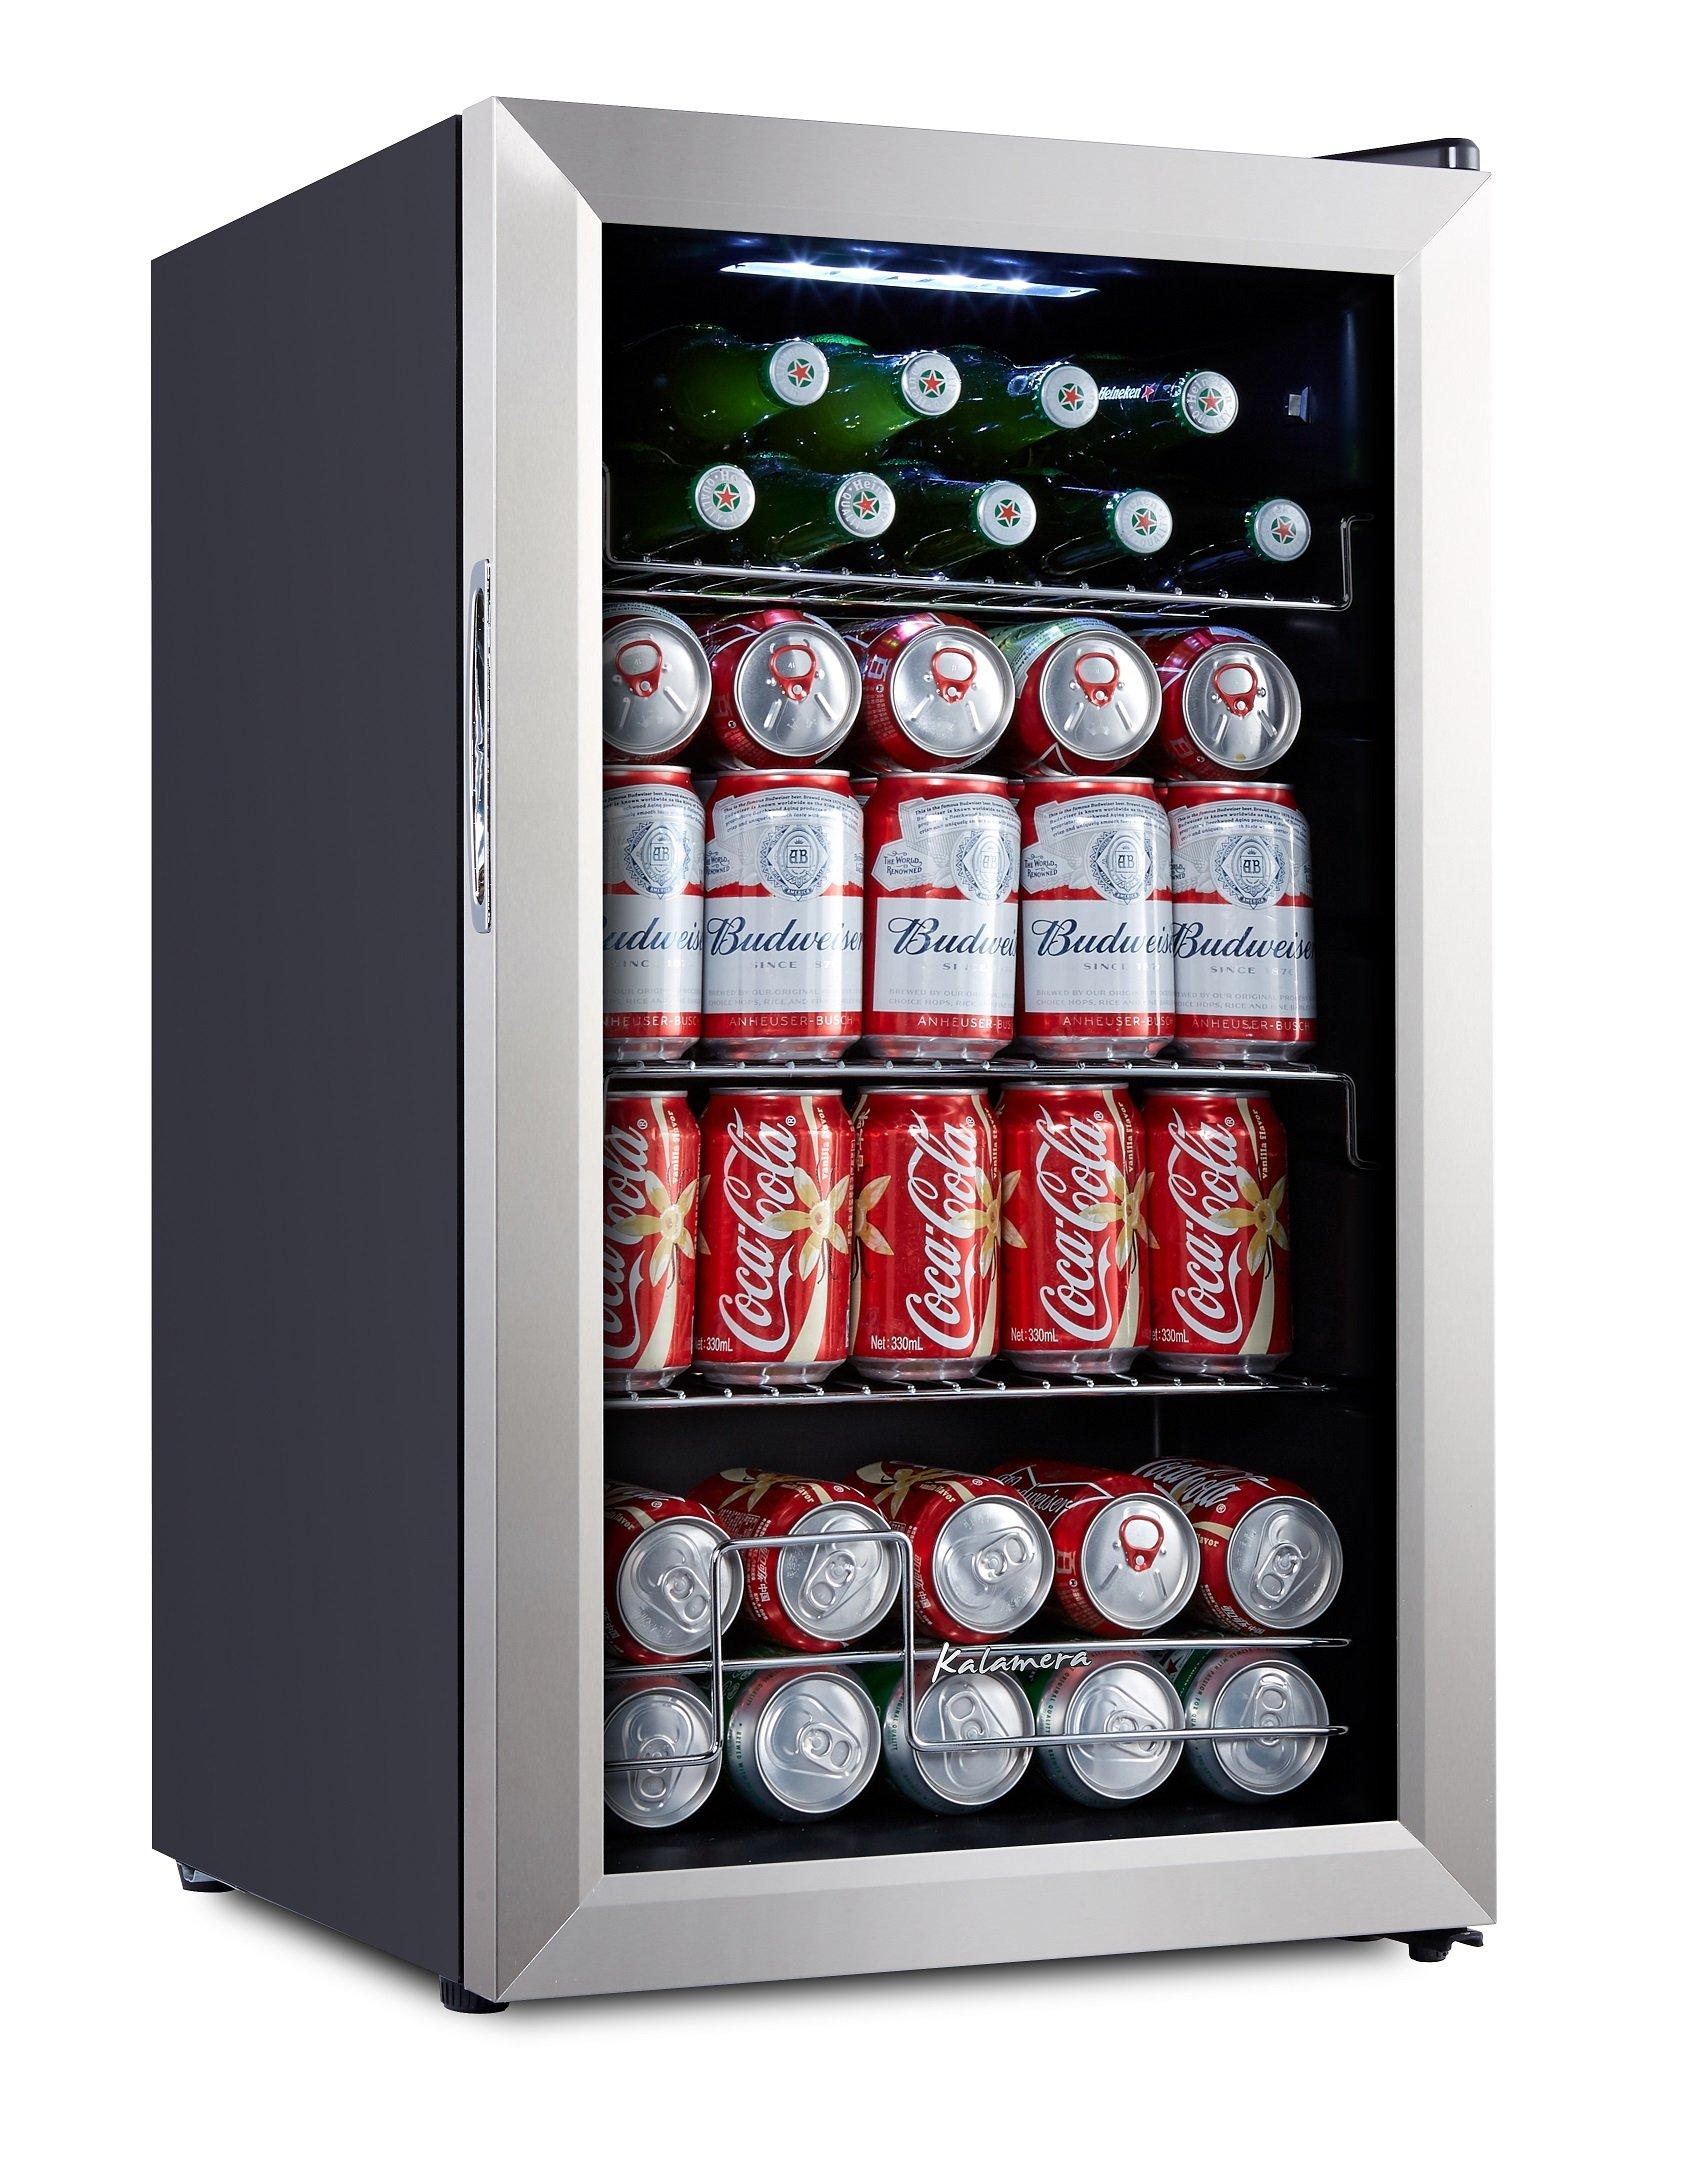 Kalamera Cooler KRC-70BV 93 Can Compressor Beverage Refrigerator, Black